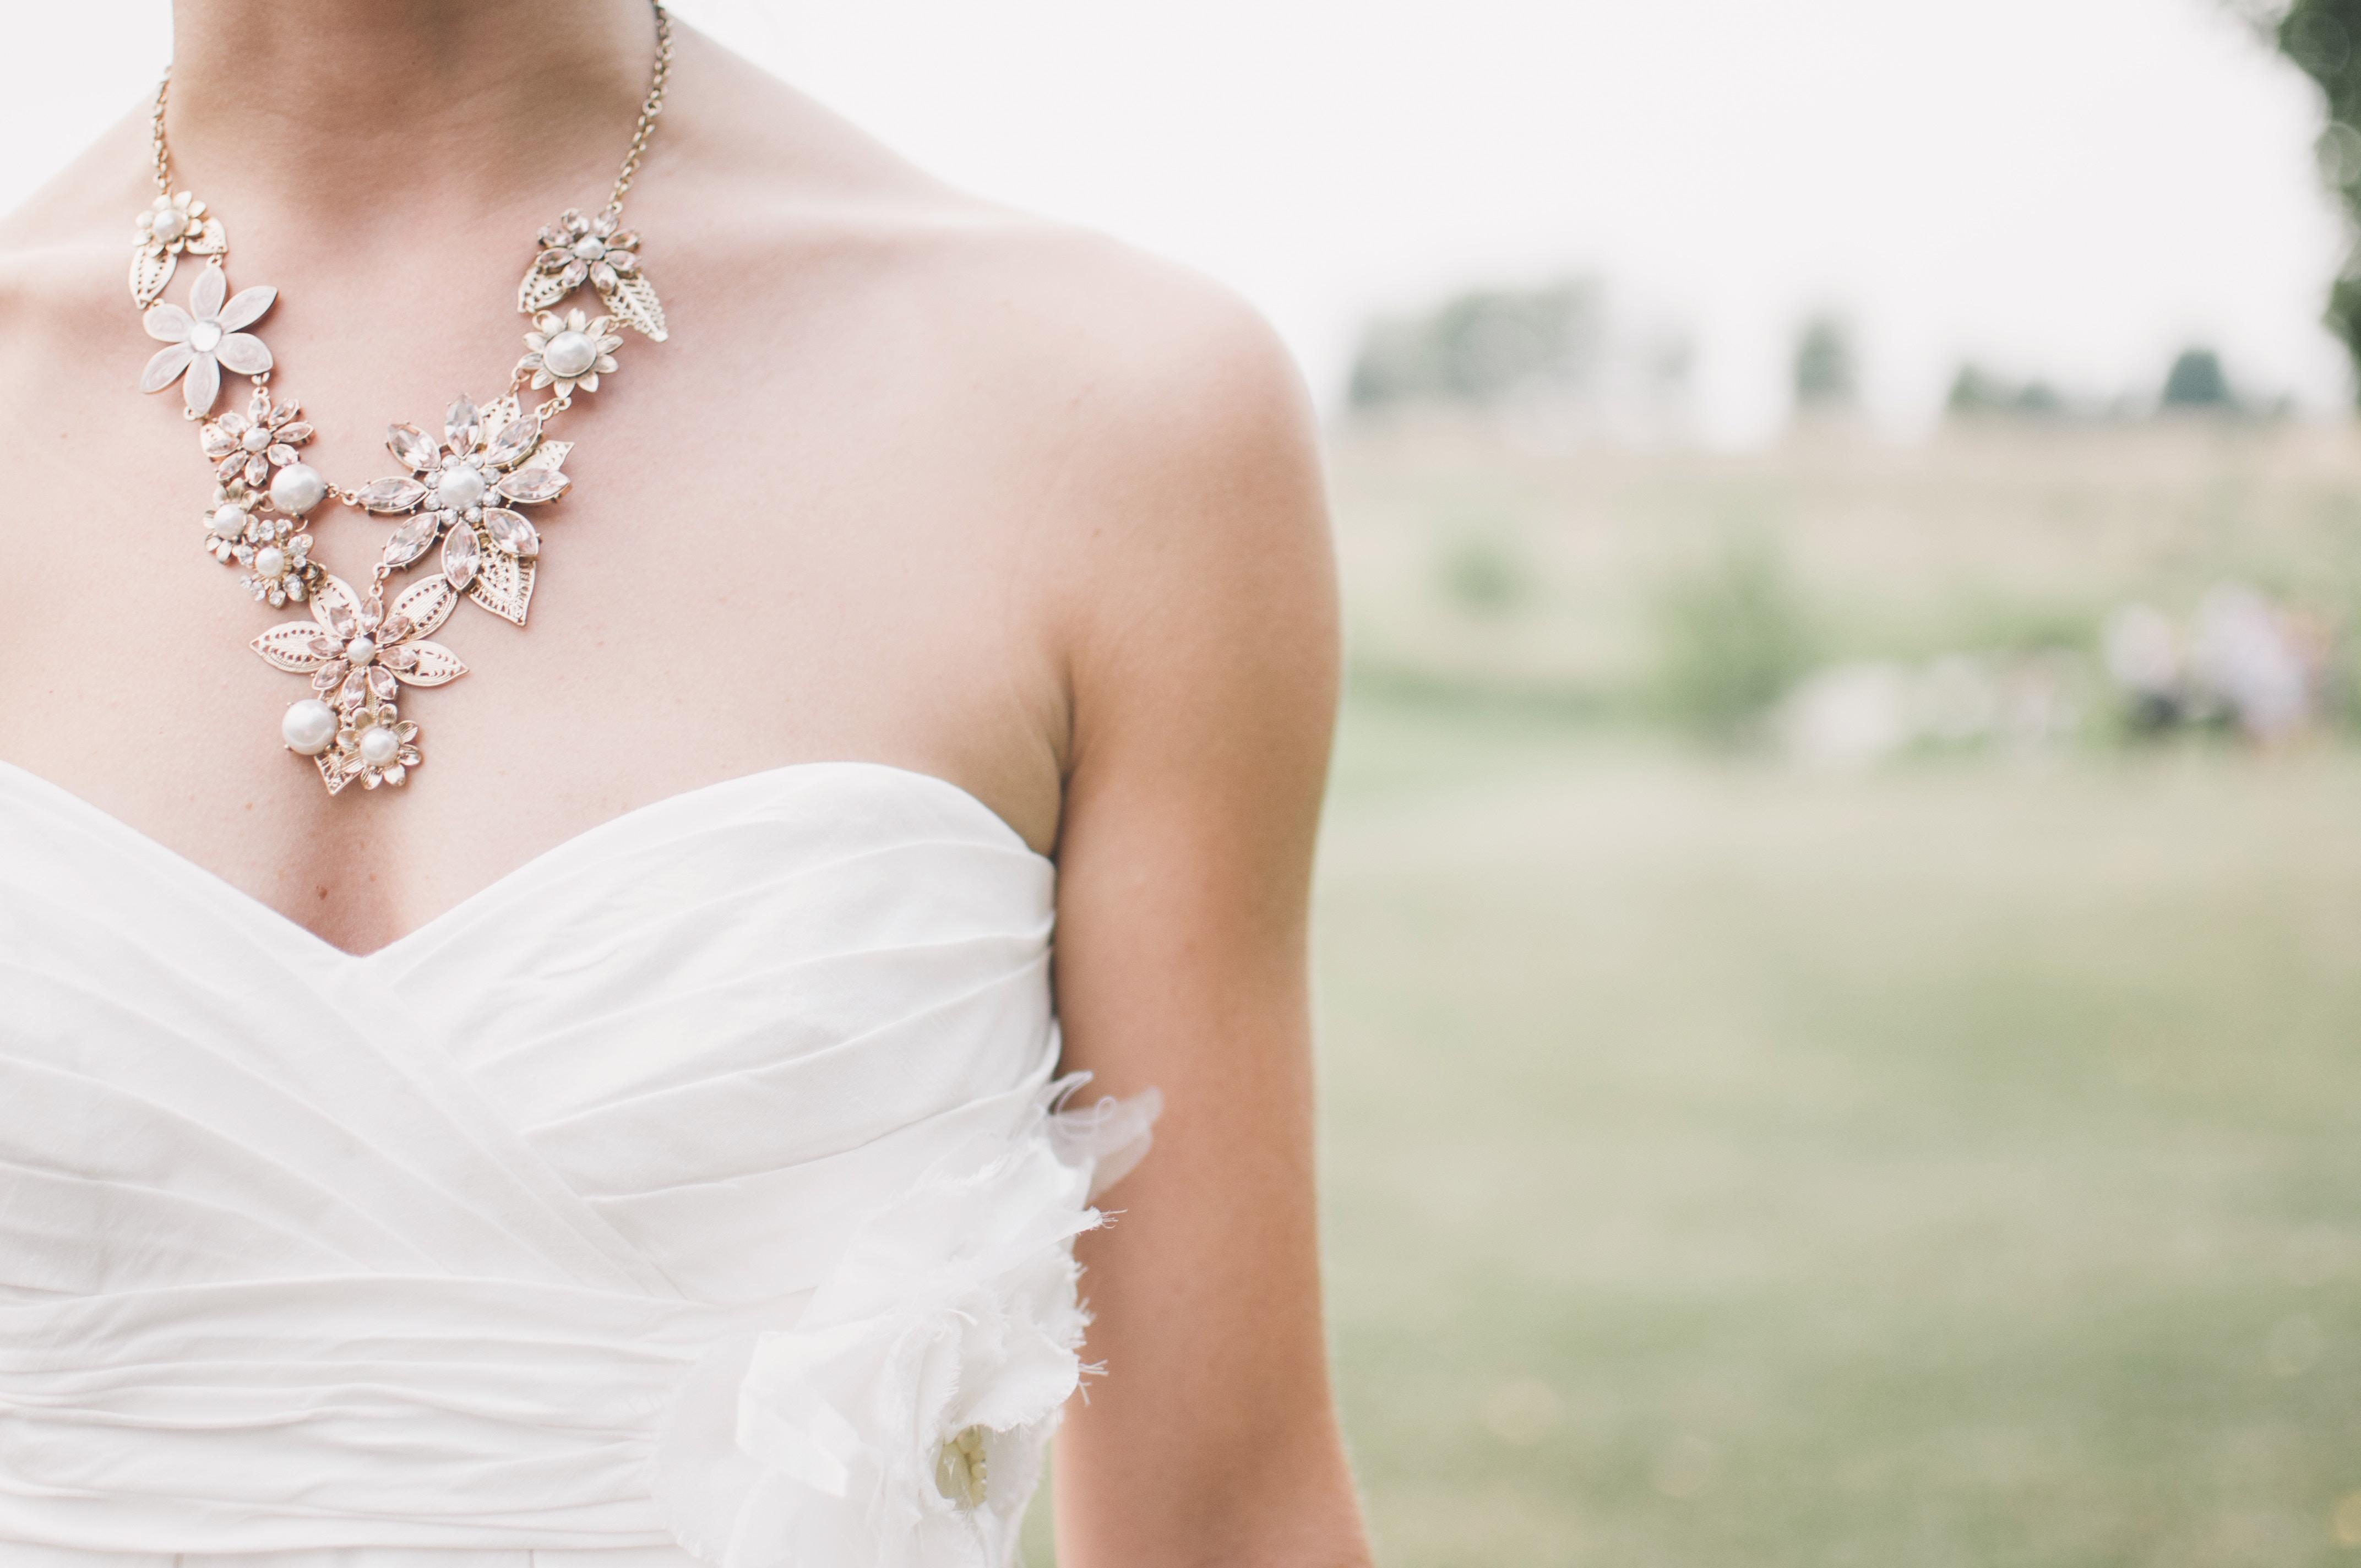 Gioielli e accessori sposa  come si scelgono  - Blog Consigli ... fe174add9d0